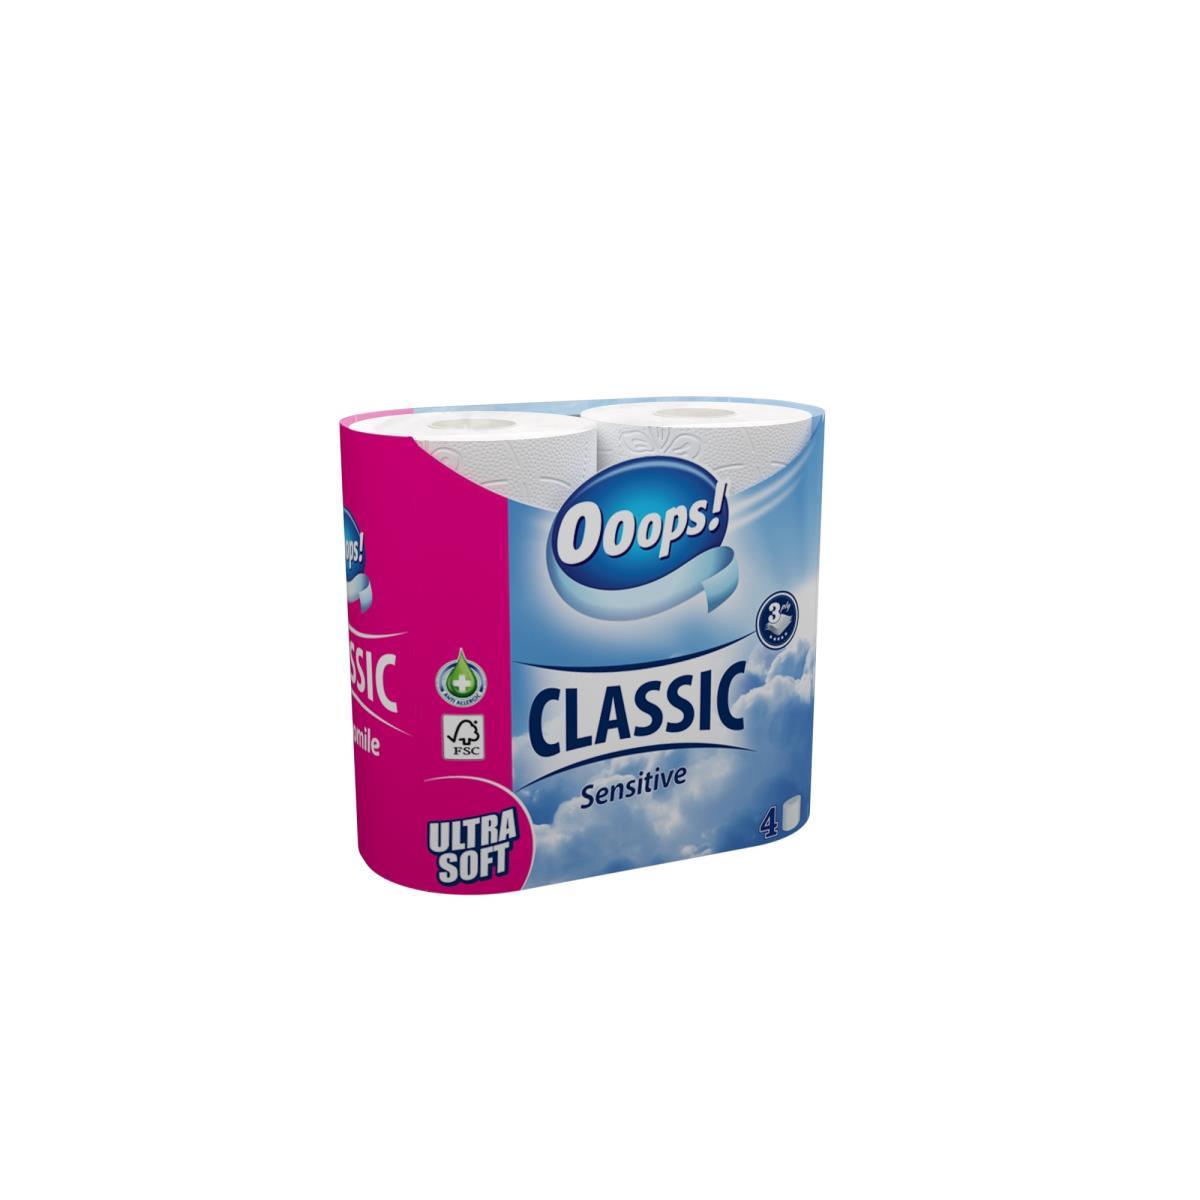 Toilettenpapier 4 Rollen 3 Lagig 140 Blatt Toilette Papier Ooops! Classic,Ooops!,000040036787, 5998648704303